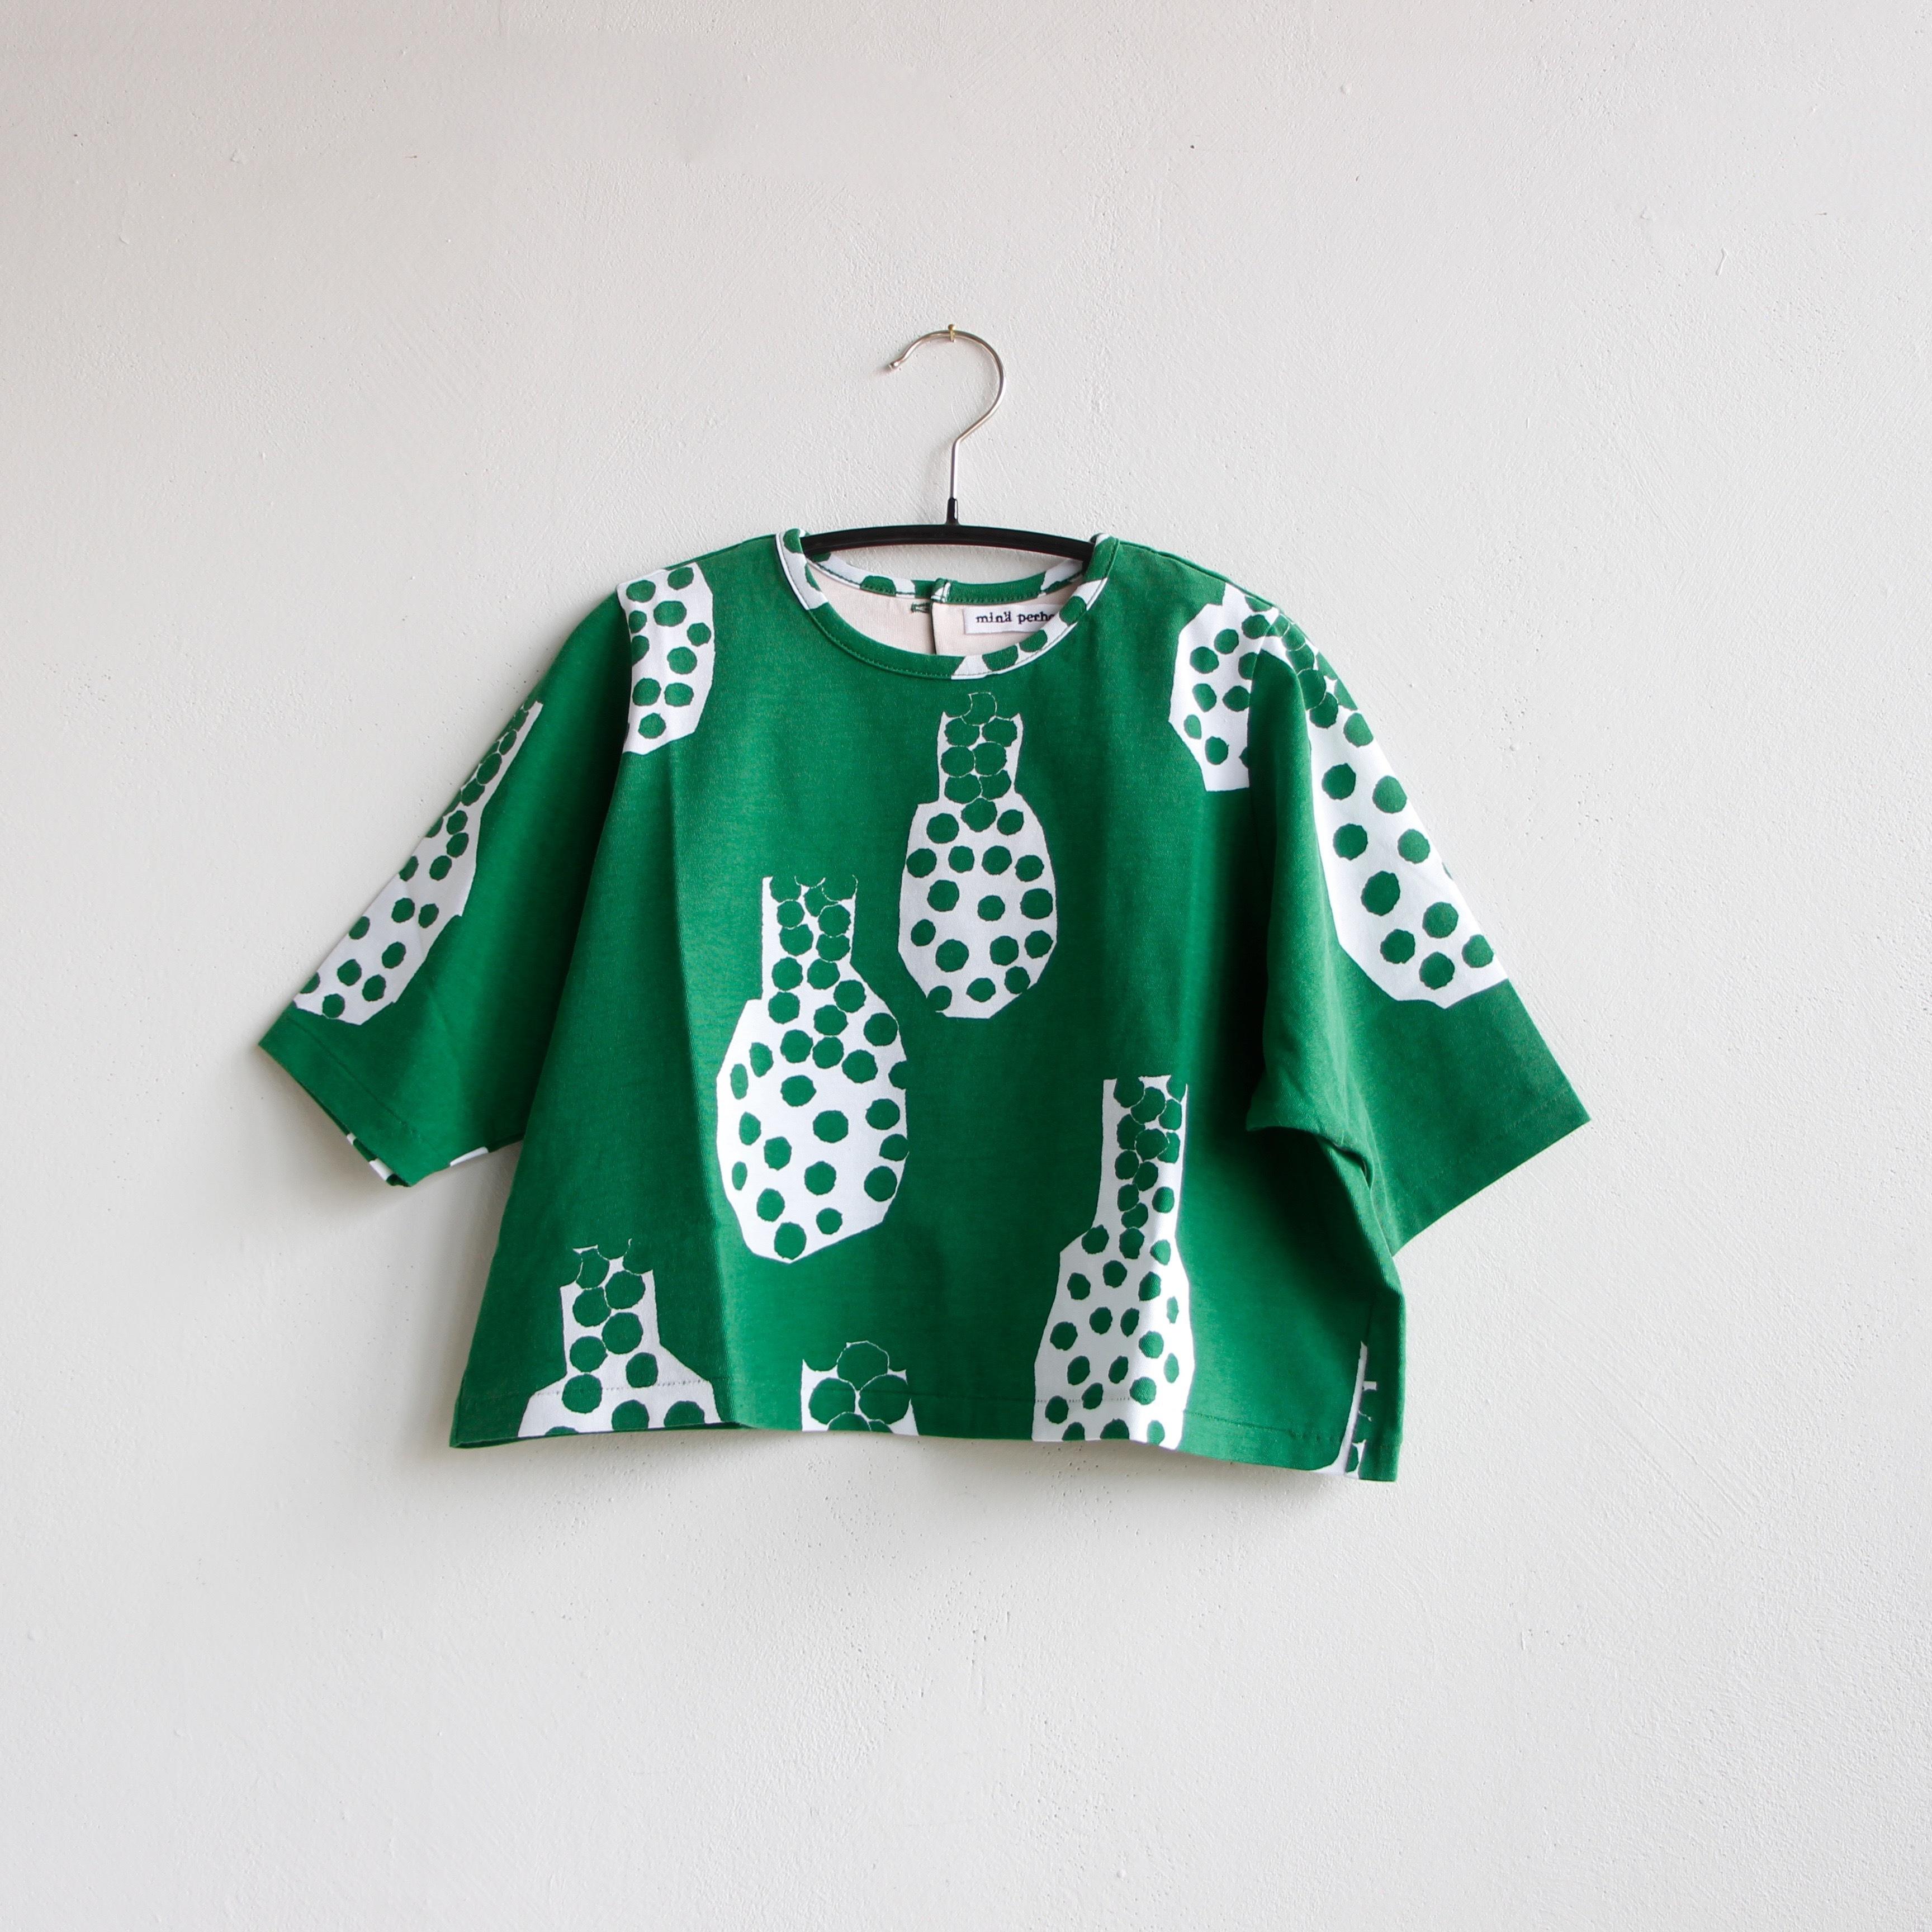 《mina perhonen 2020SS》cidre 半袖カットソー / green / 80-100cm